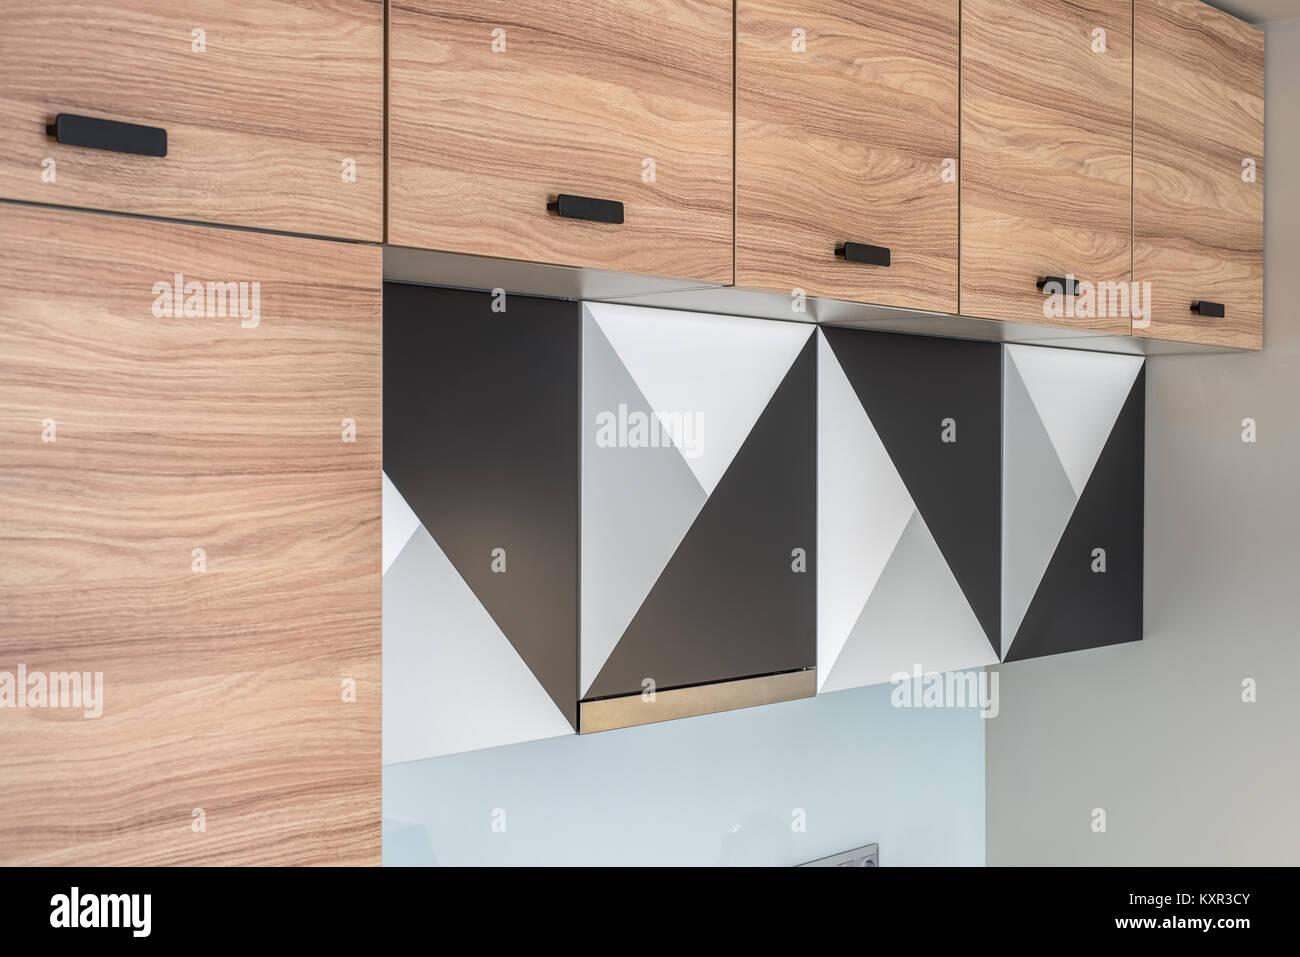 Stampe Da Cucina : Armadietti in legno con maniglie nere sulla cucina moderna. vi è una